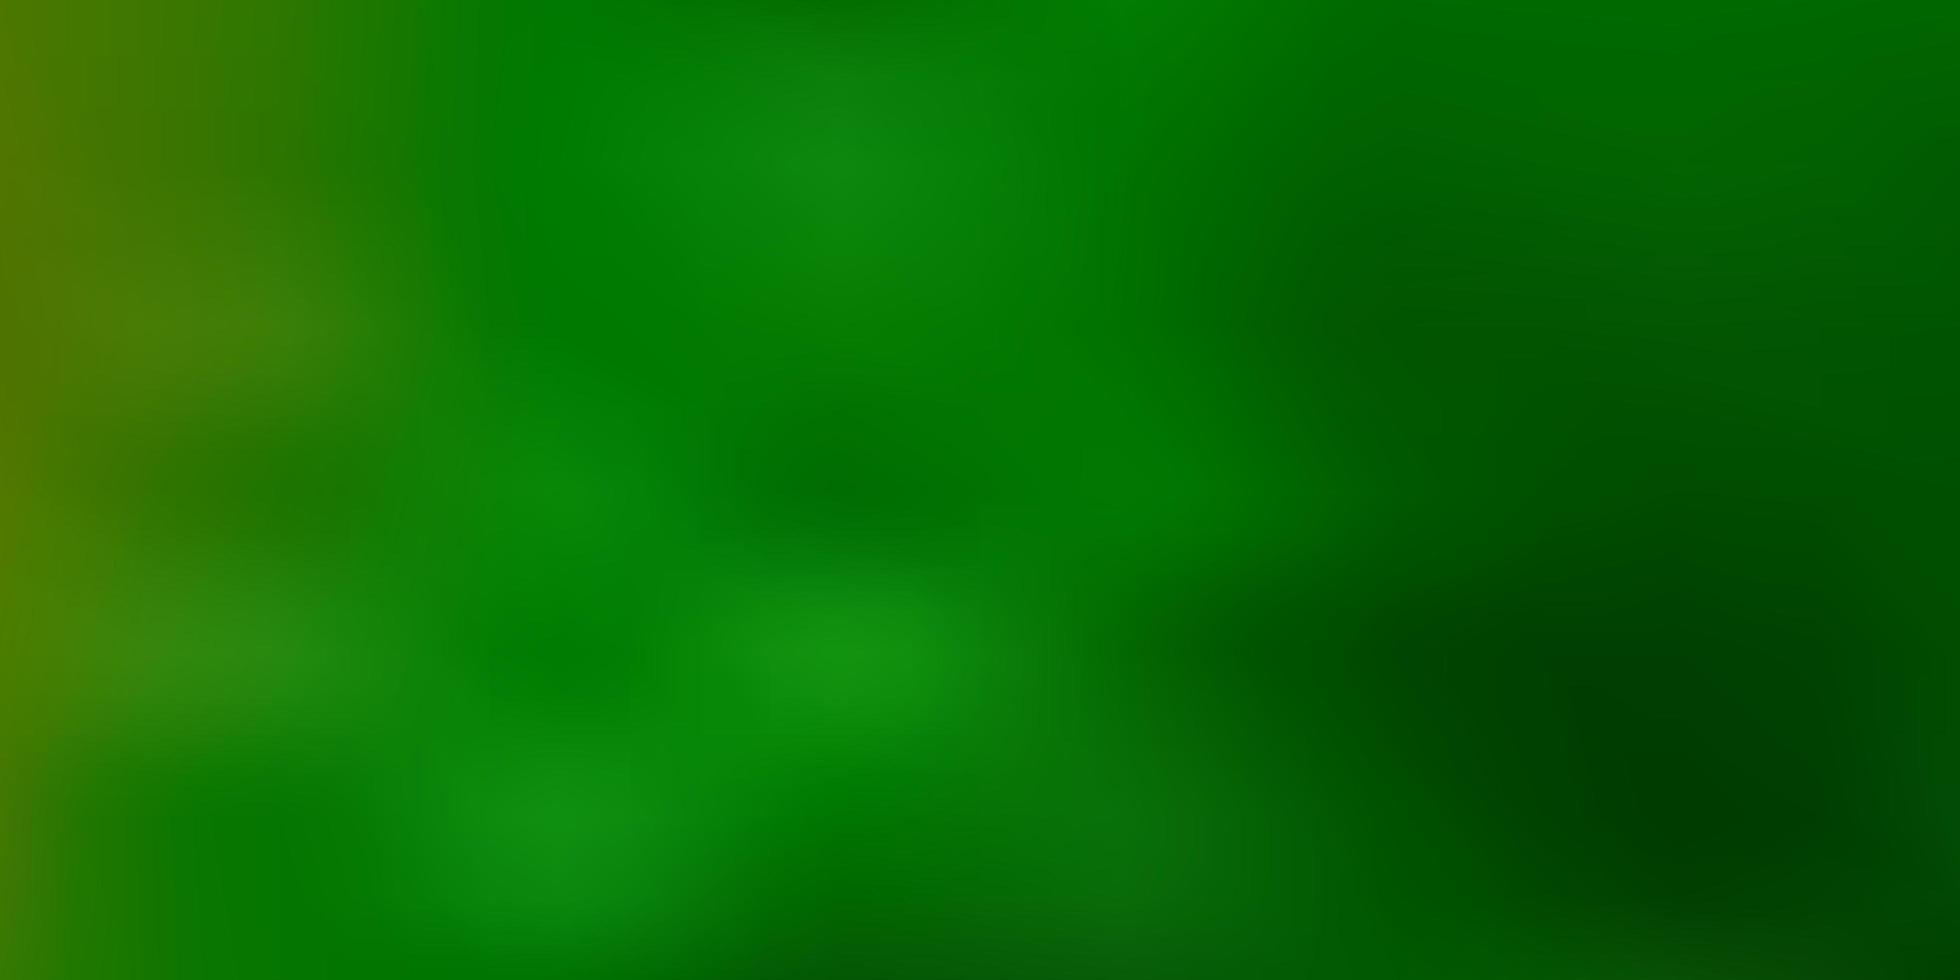 hellgrüner abstrakter Unschärfehintergrund. vektor